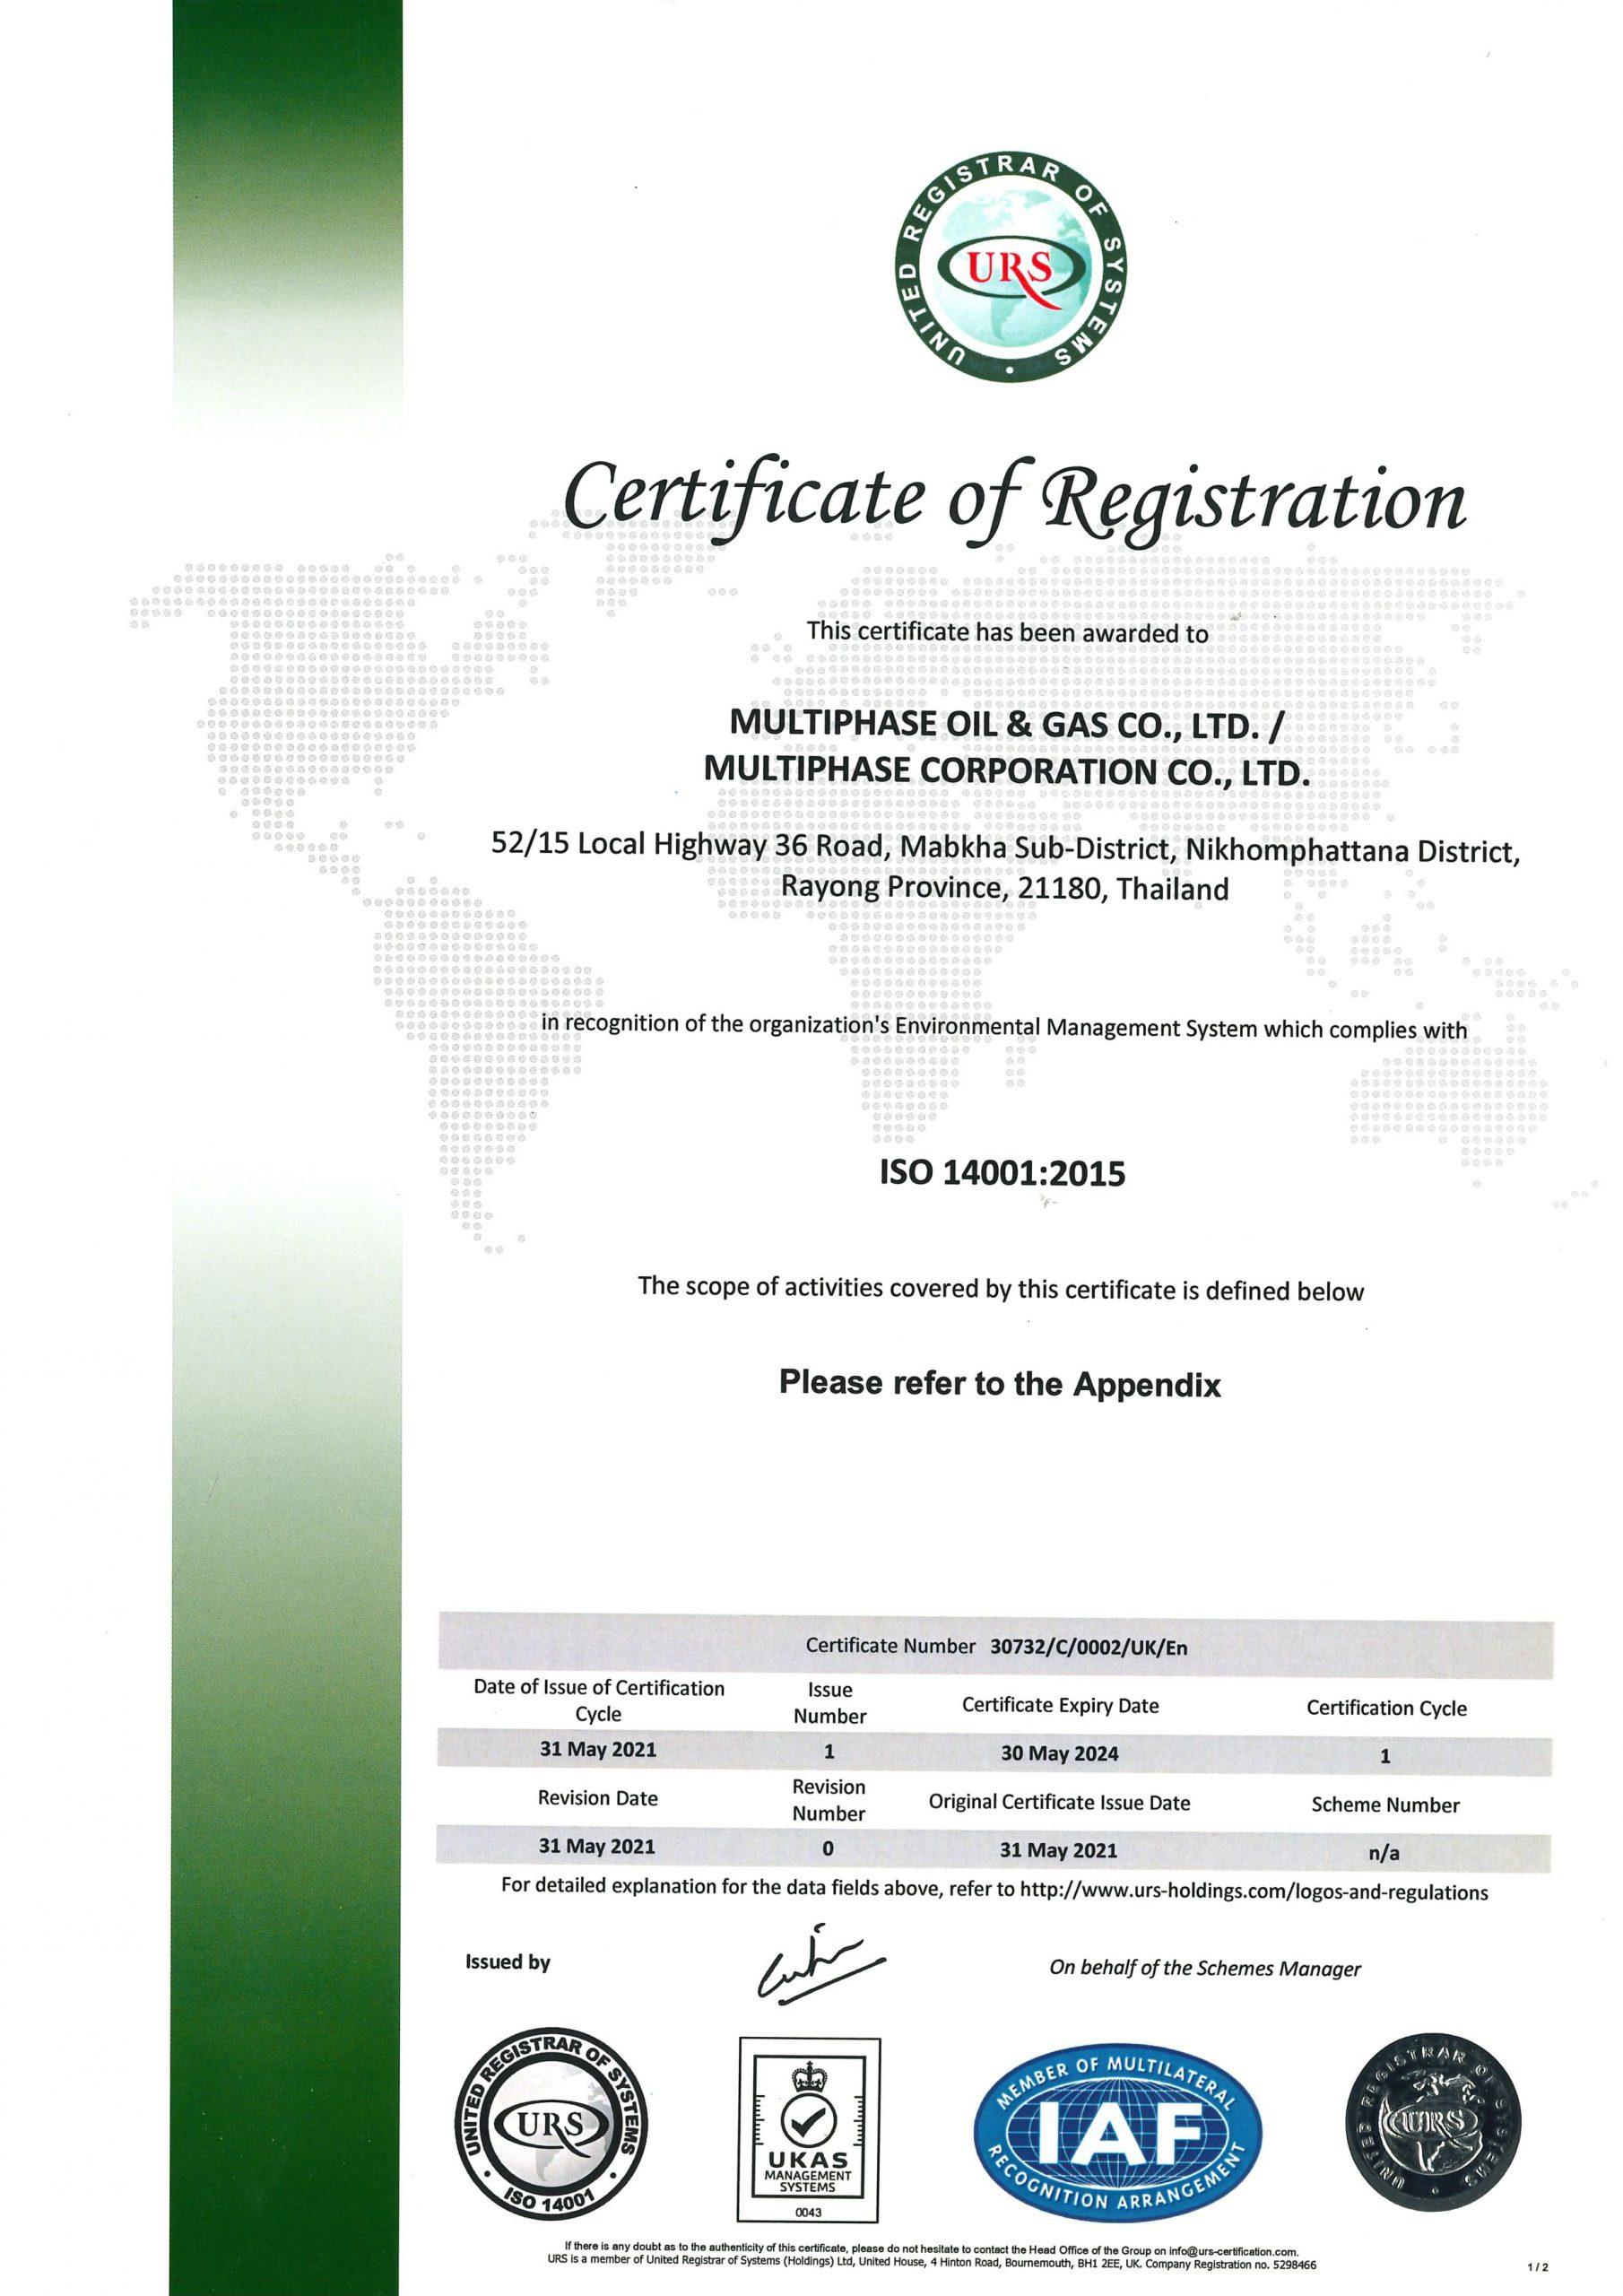 ใบรับรองมาตรฐานสากล ISO14001:2015 certificate